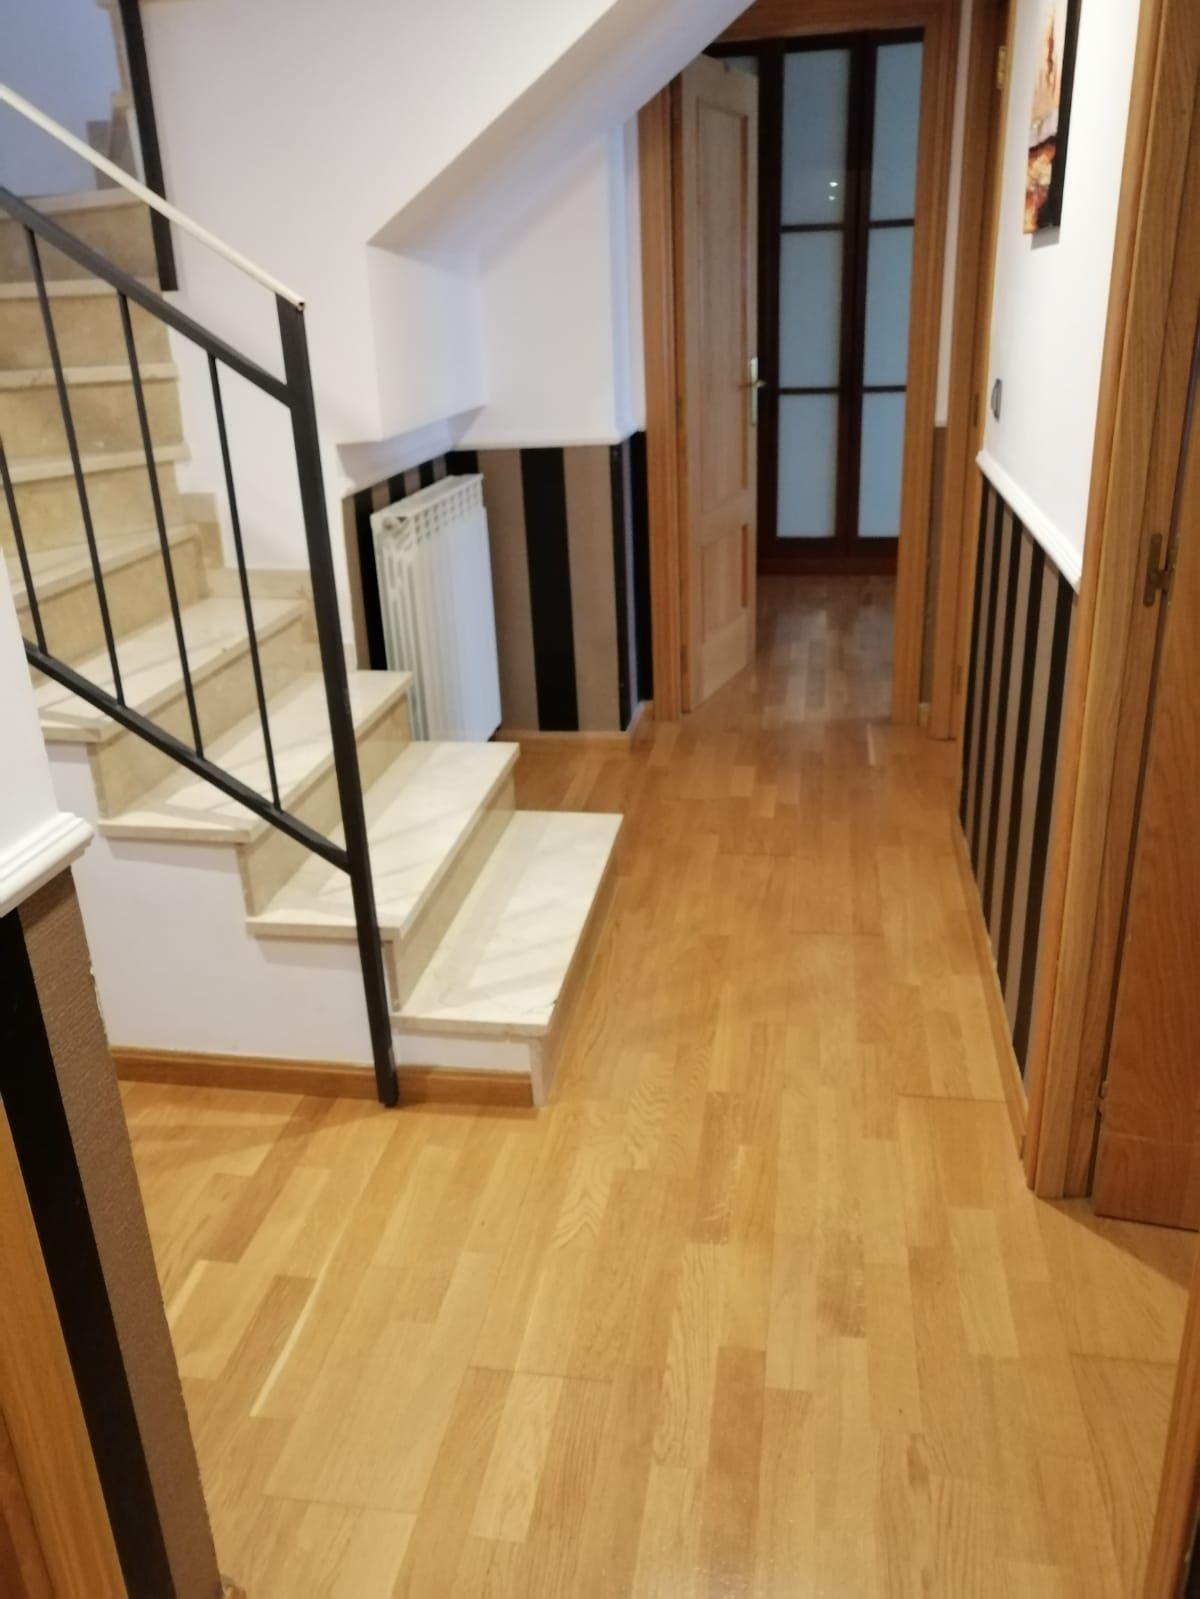 cerramiento de escalera duplex en 2020 Escaleras